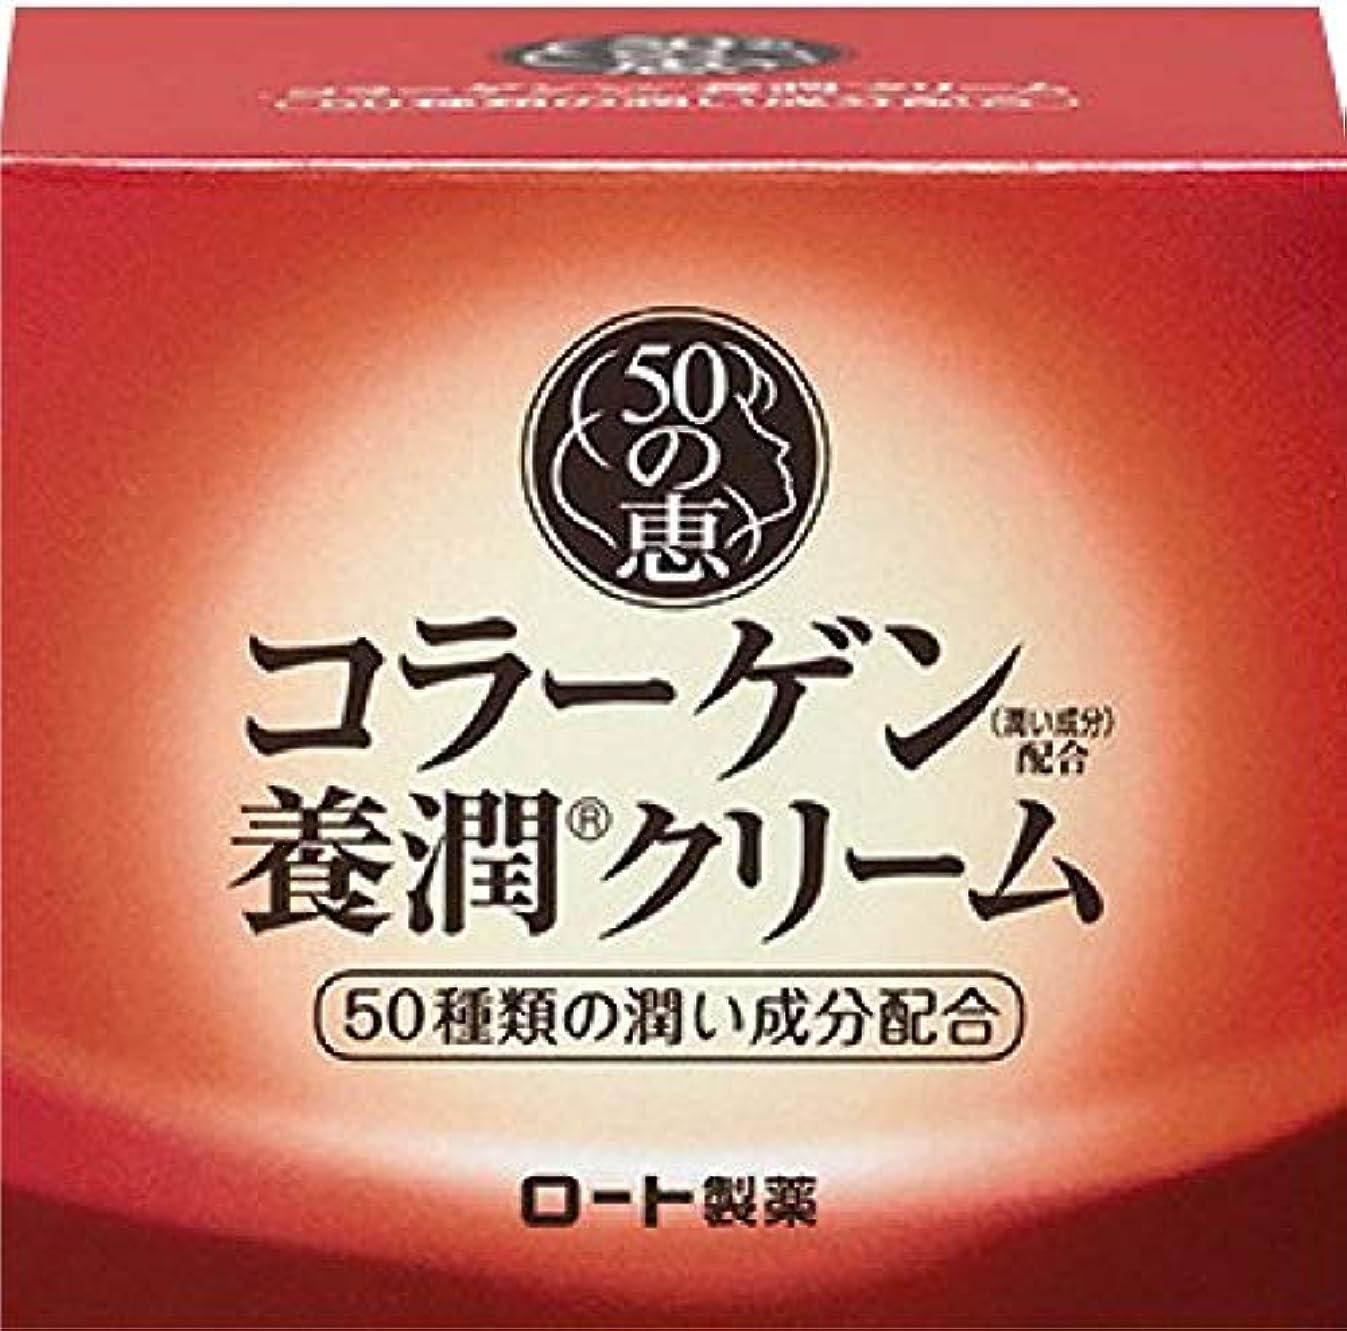 ツインモジュールアミューズロート製薬 50の恵エイジングケア 養潤成分50種類配合 クリーム 90g